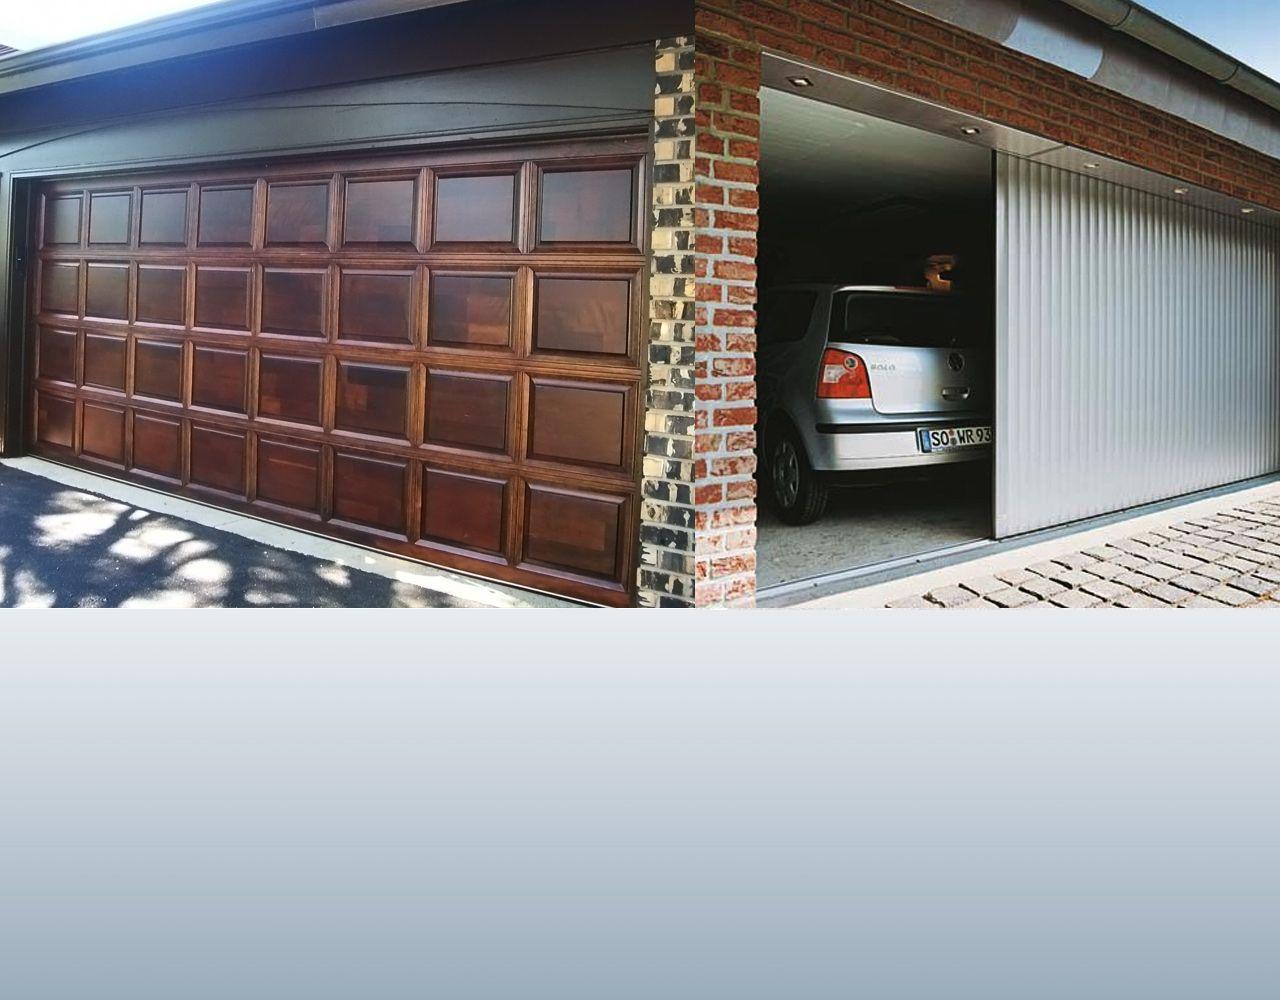 Important Things To Know About Garagedoor Regarding Your Safety Call Us At 844 334 6848 Door Repair Garage Doors Garage Door Opener Installation